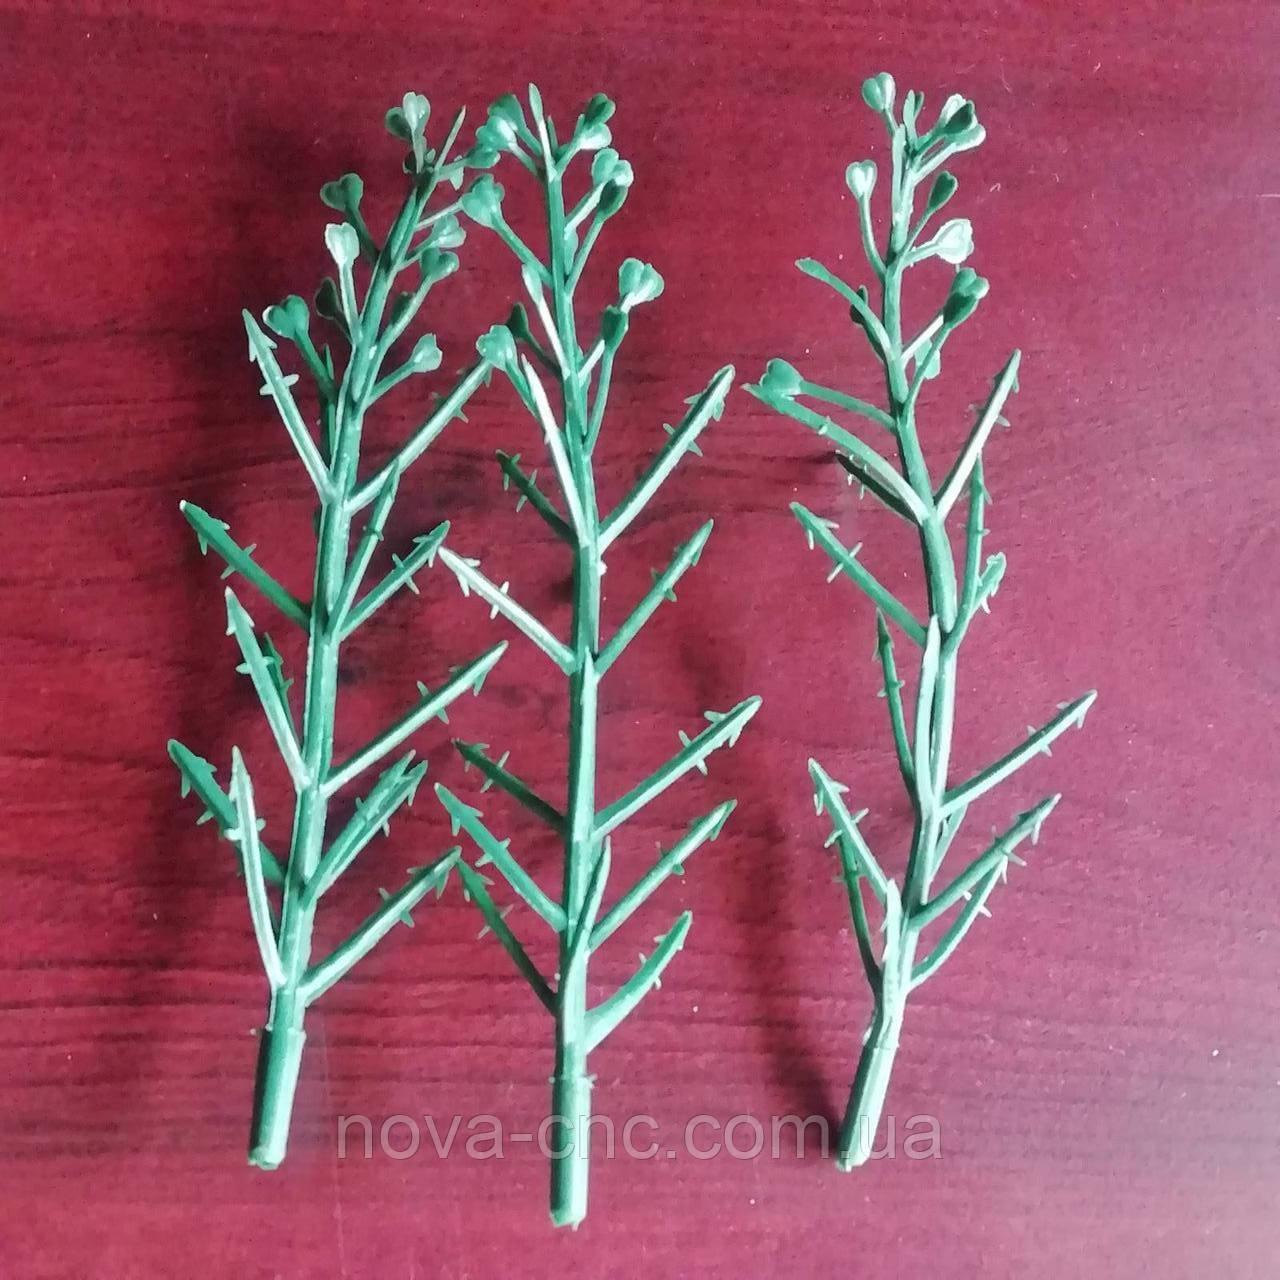 Веточки маленькие декоративные Размер 13 см Упаковка 25 шт Цвет зеленый